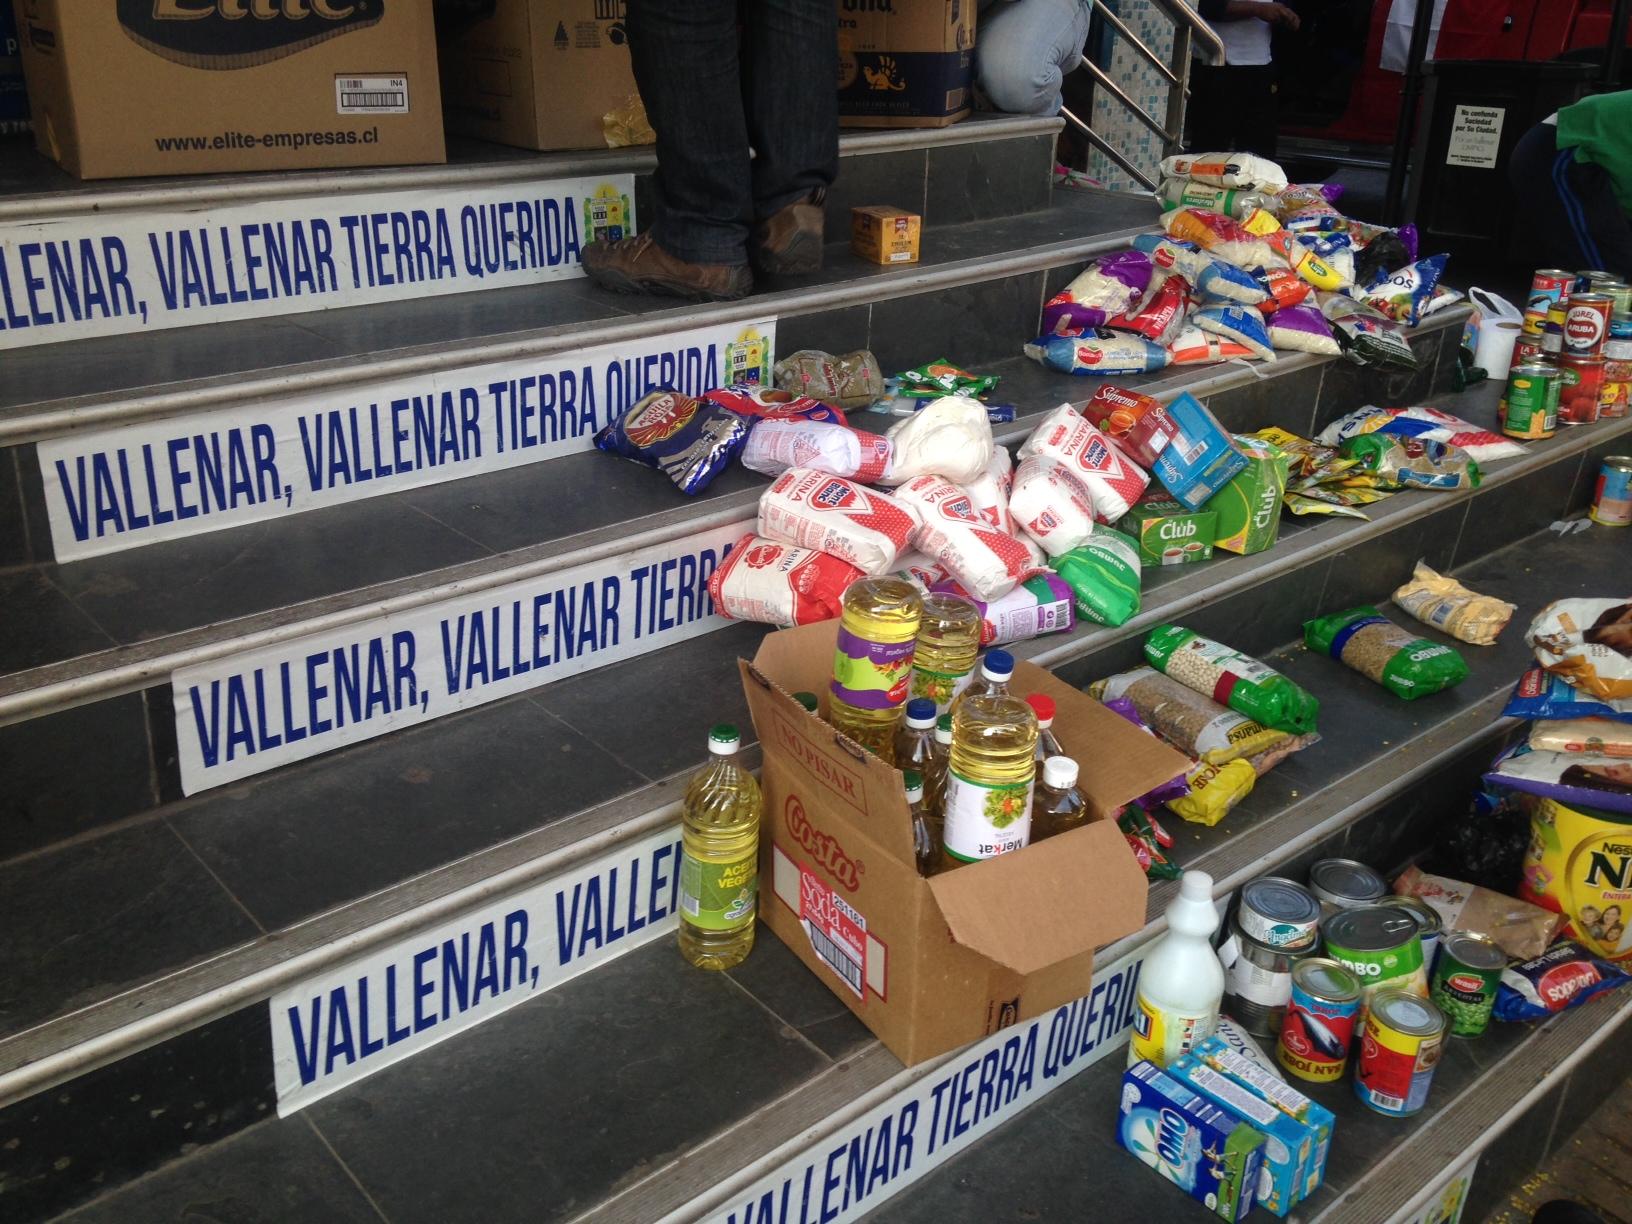 Conozca los lugares para entregar apoyo a Valparaíso en Vallenar